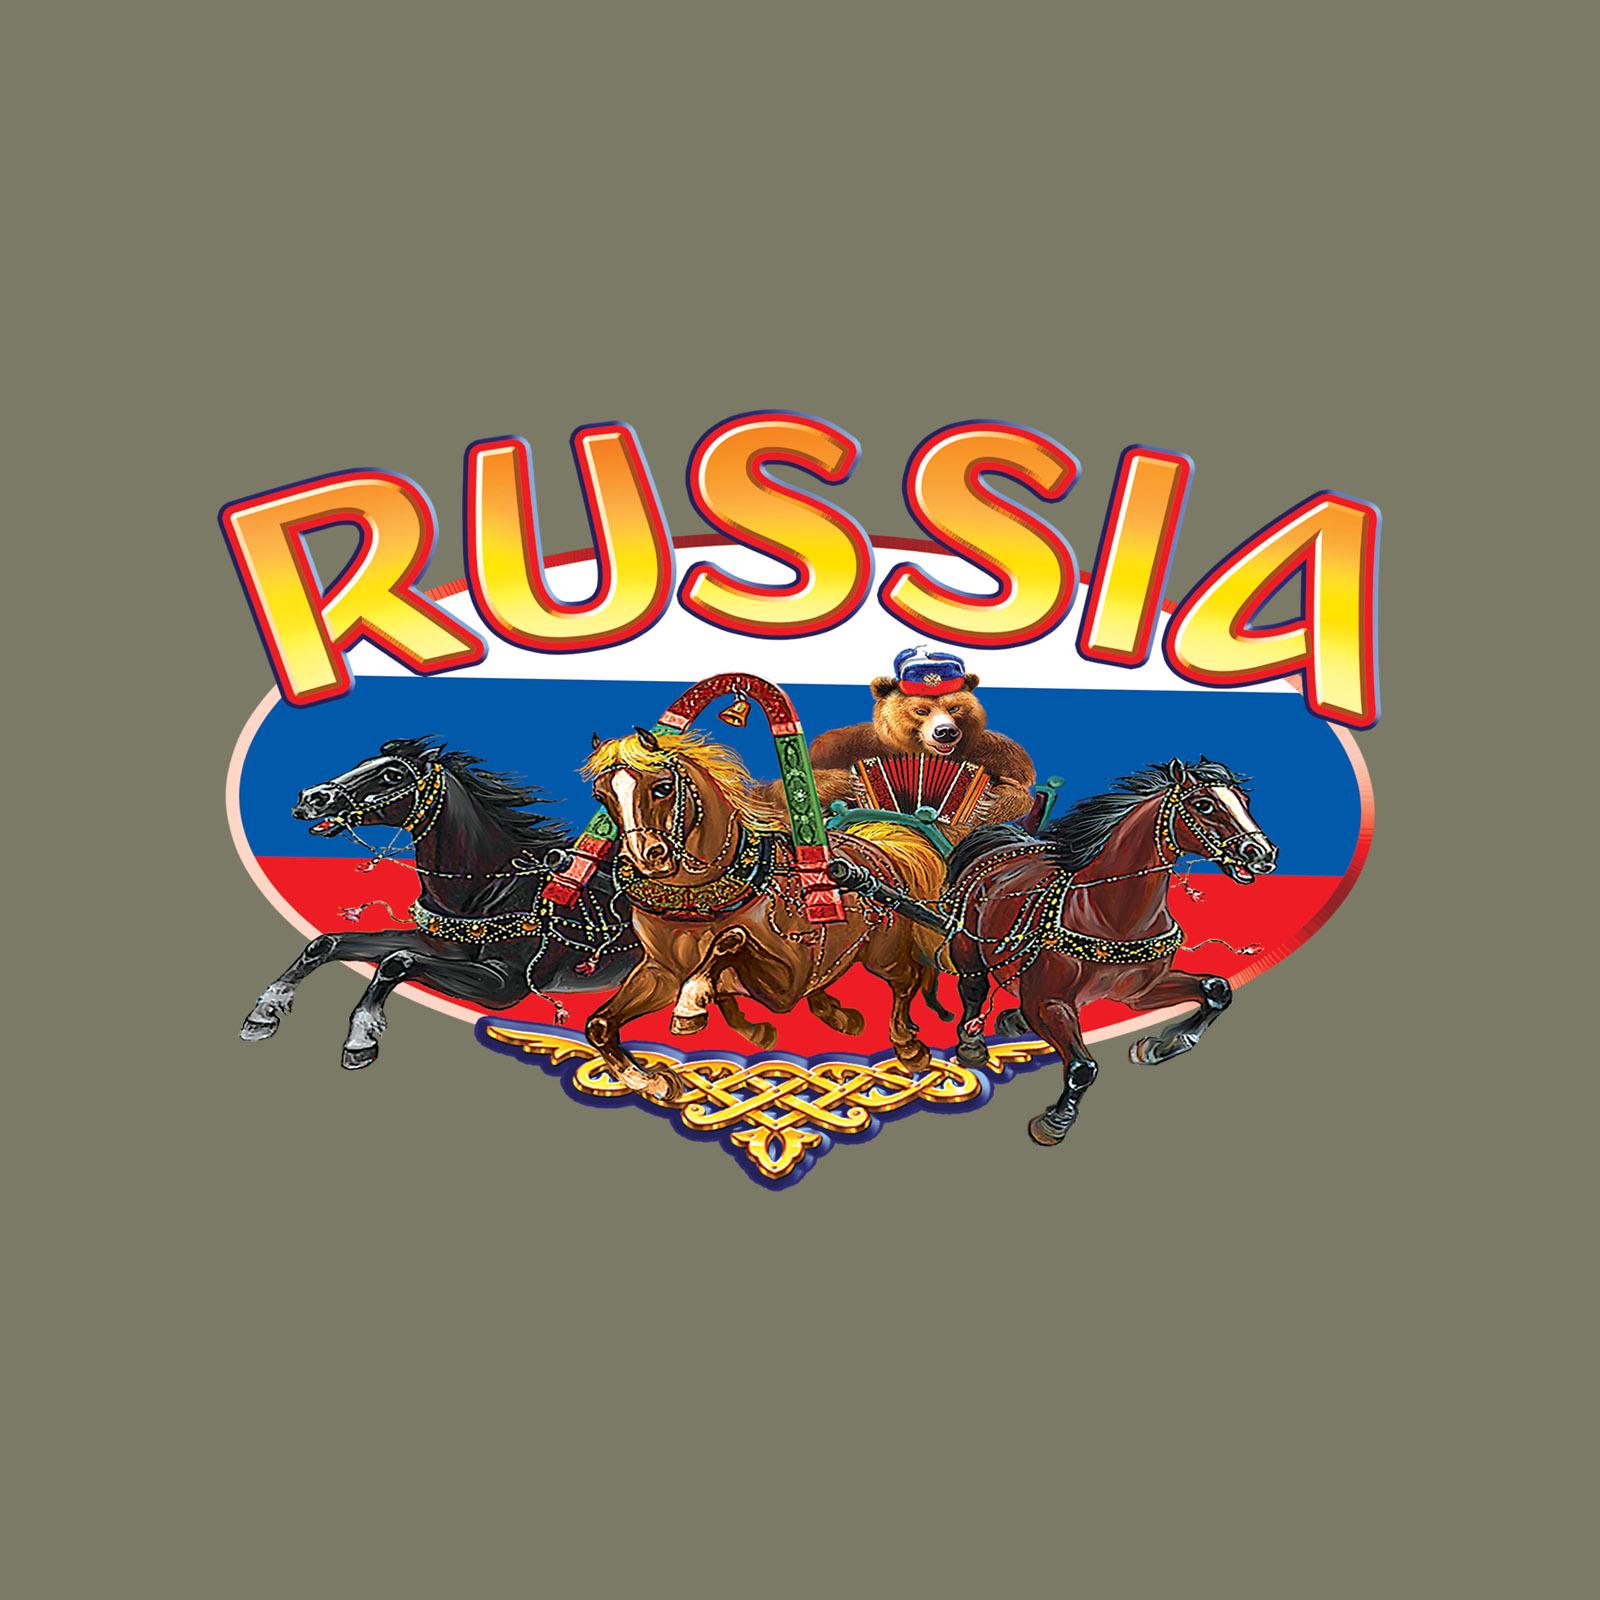 """Стильная мужская футболка """"Россия"""" - заказать онлайн"""